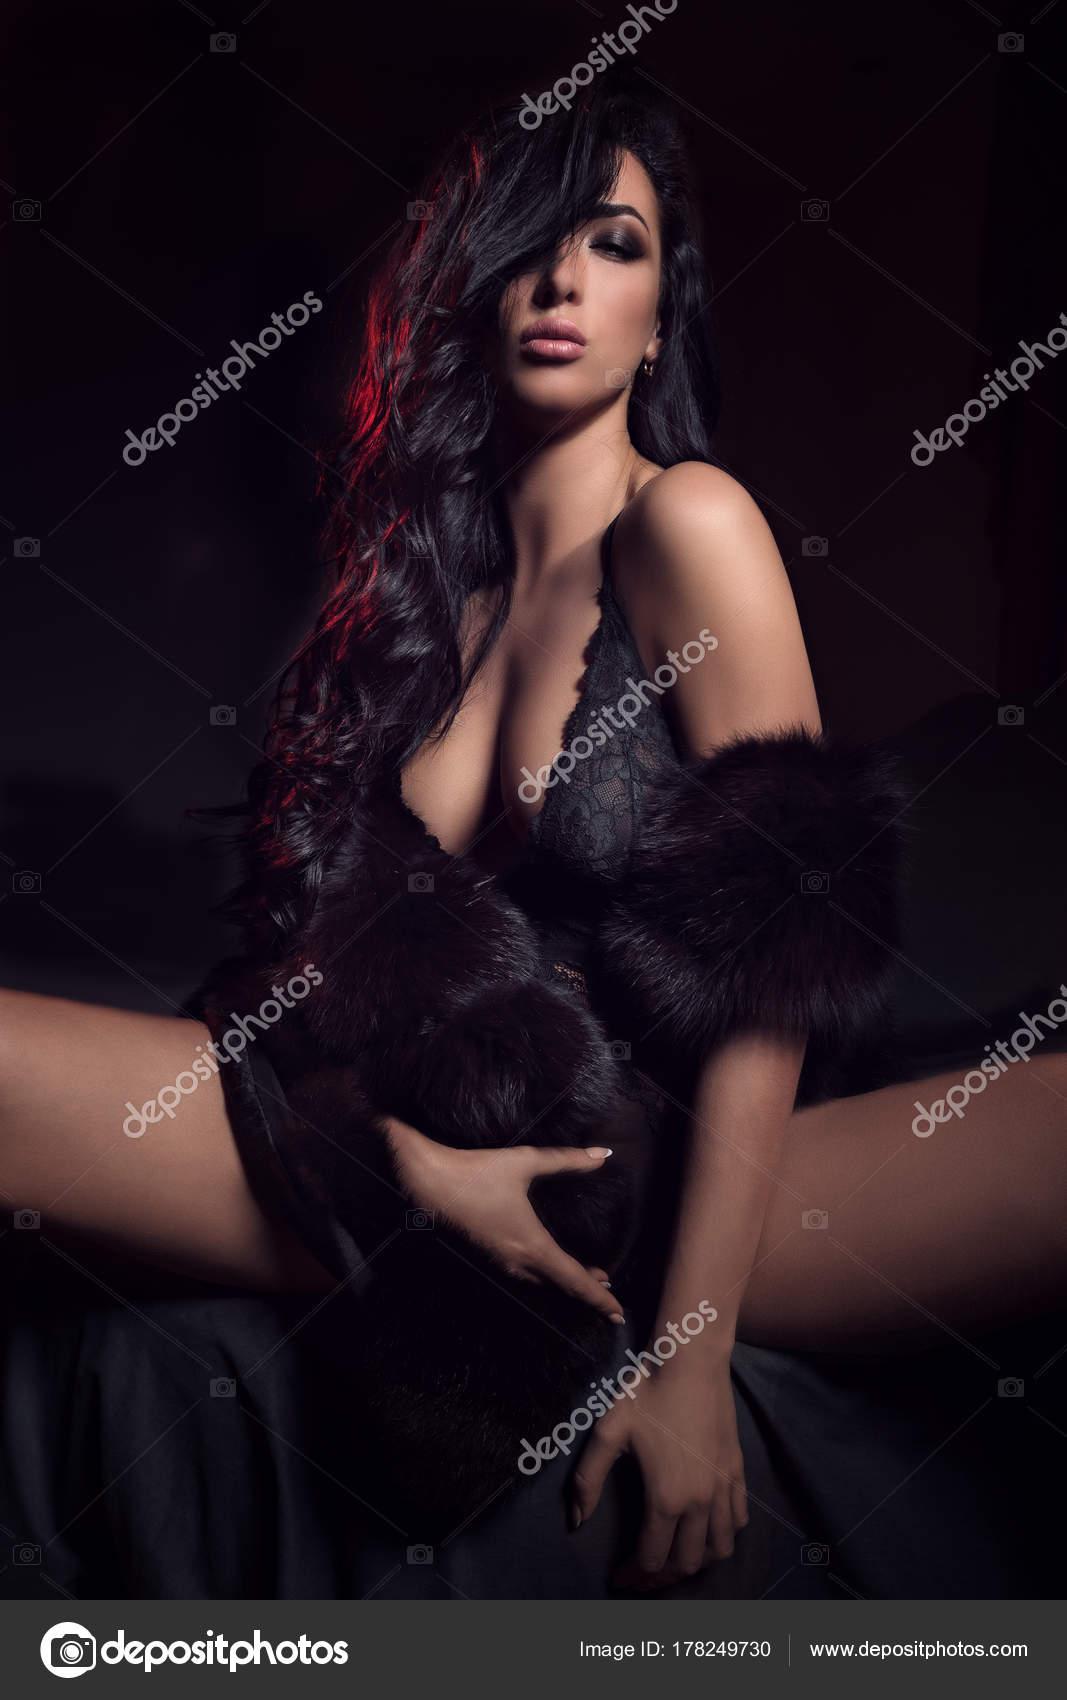 Шымкентски красивая сексуальная девушки